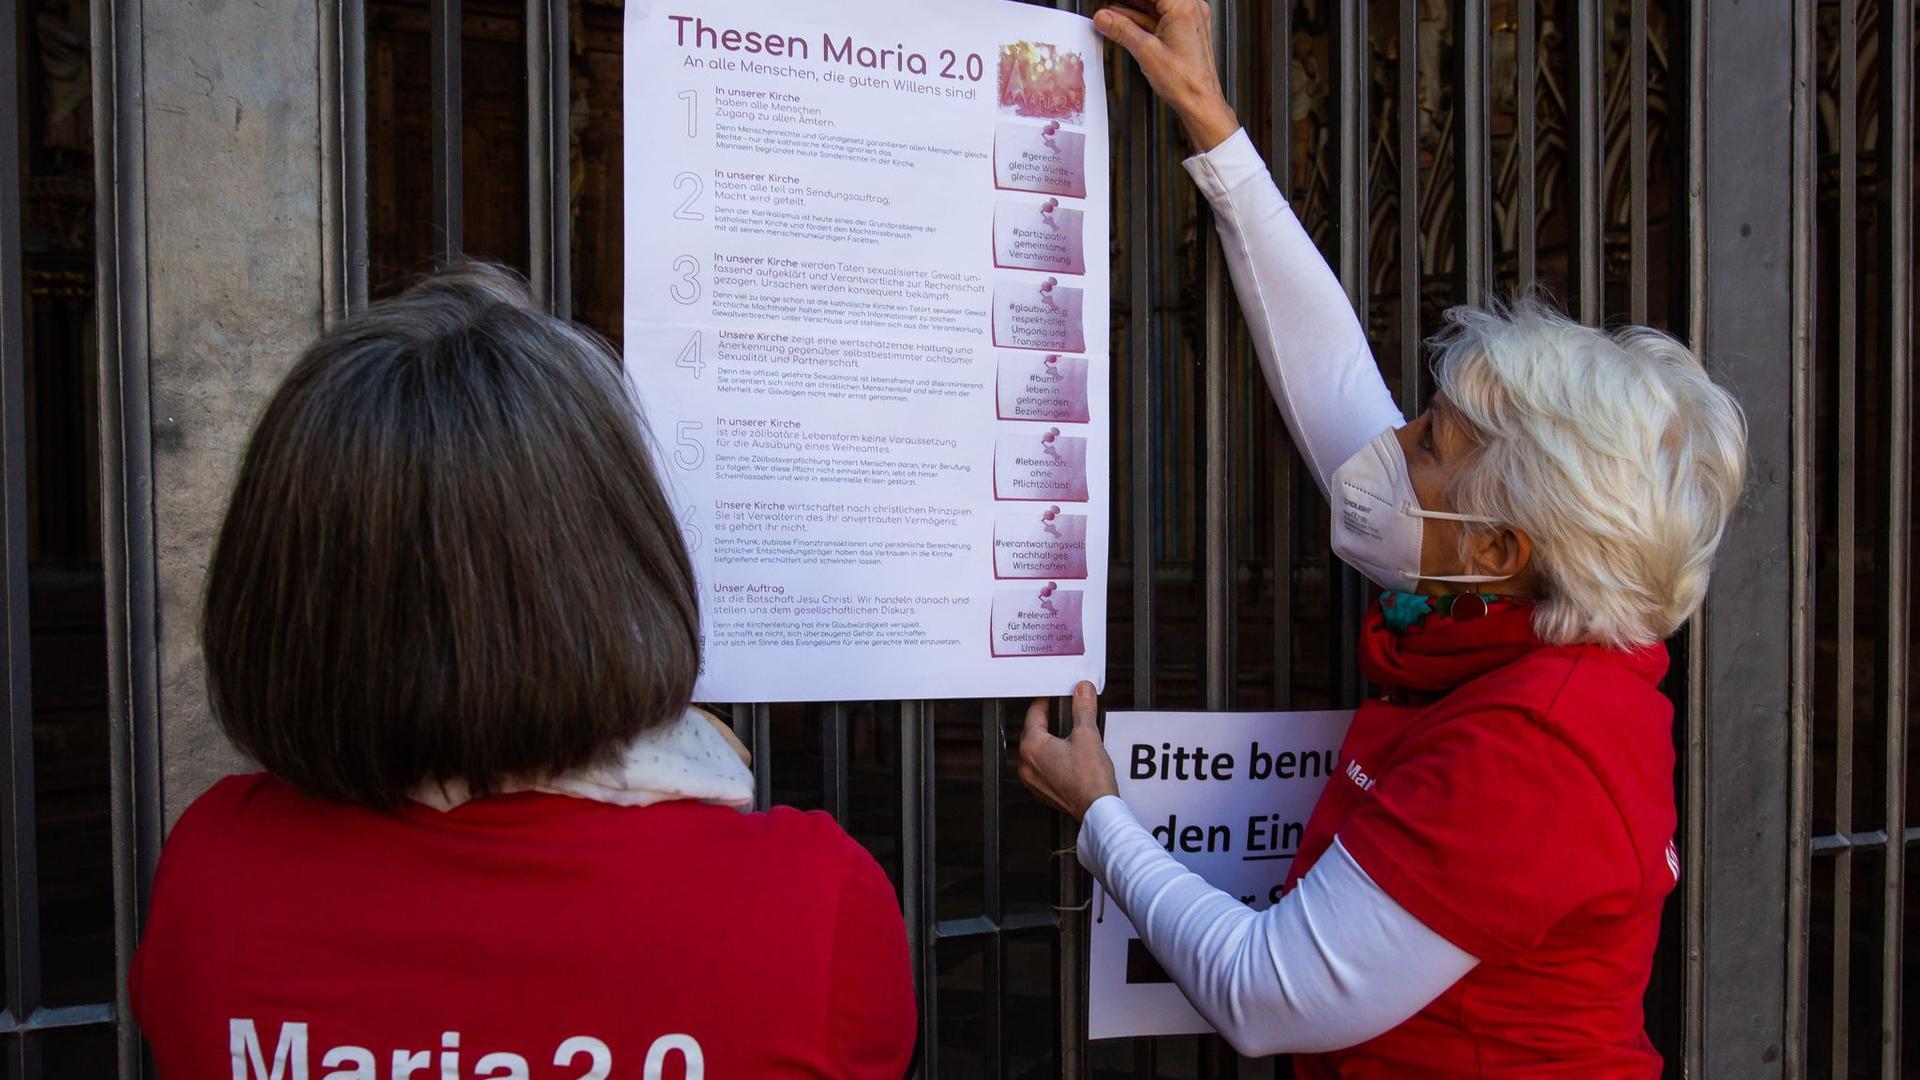 Zwei Aktivistinnen der katholischen Reforminitiative Maria 2.0 hängen ein Plakat mit ihren Thesen an das Hauptportal des Freiburger Münsters.